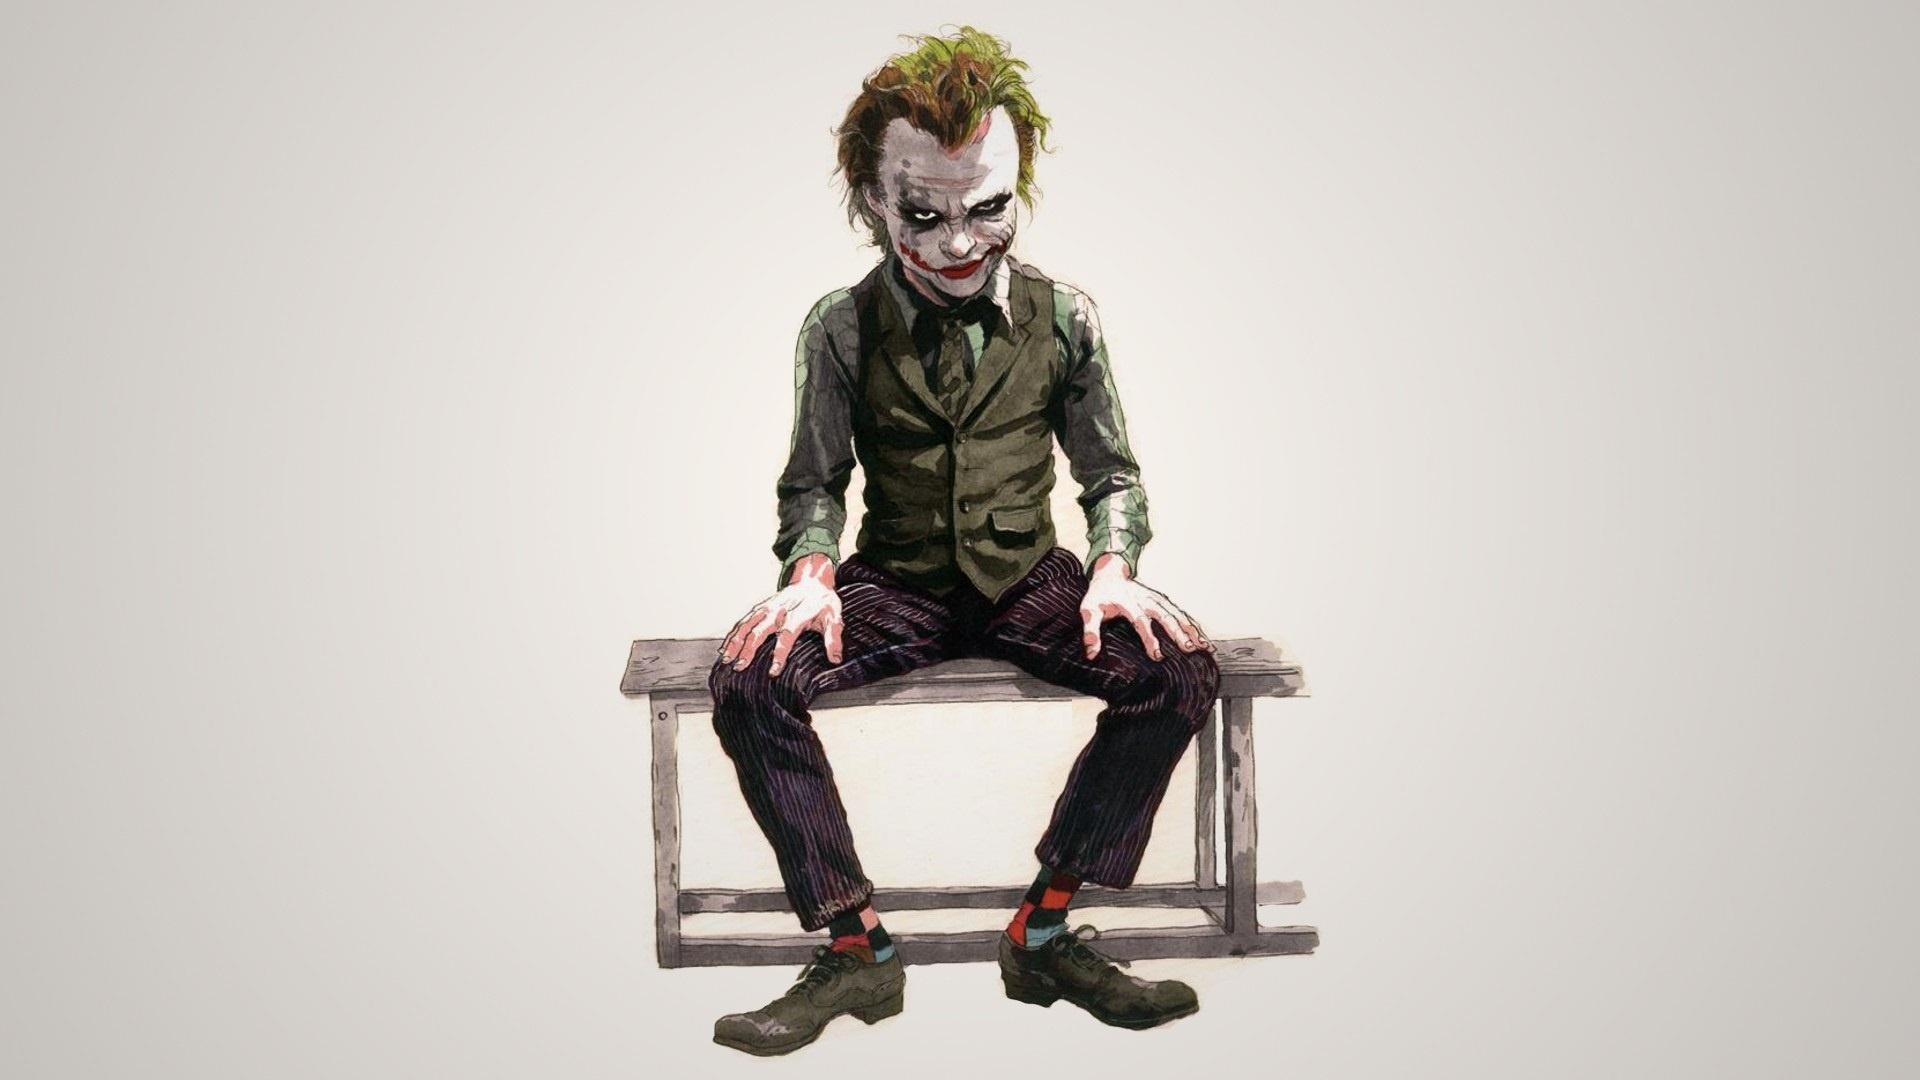 Joker Cartoon wallpaper   828535 1920x1080